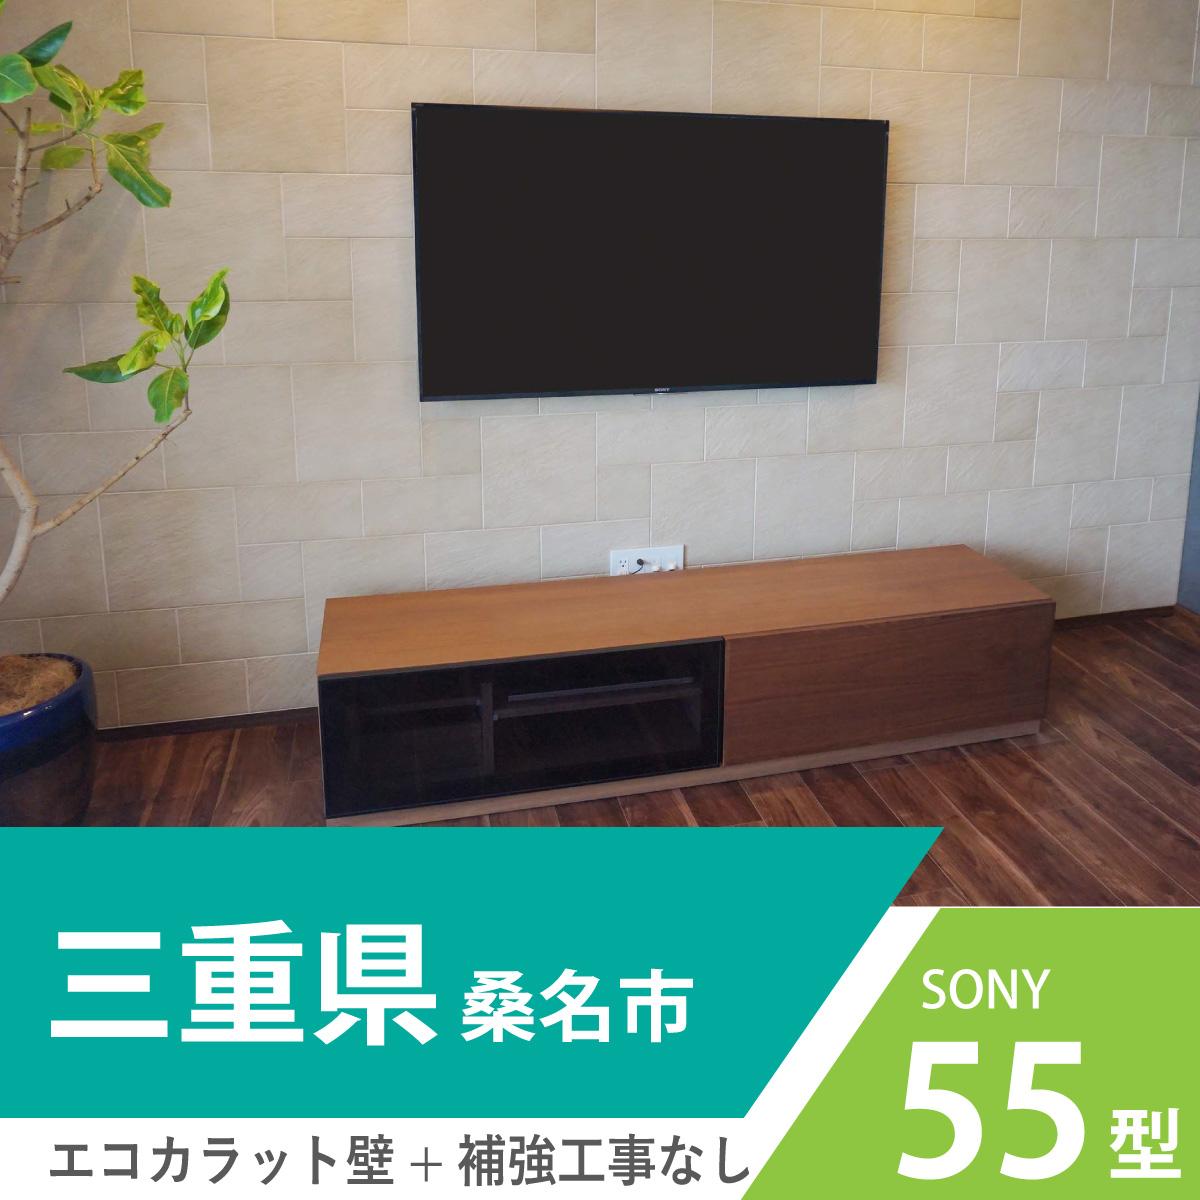 三重県・桑名市でエコカラット壁に55インチ・ブラビアと寝室に46インチ・ブラビアを壁掛け